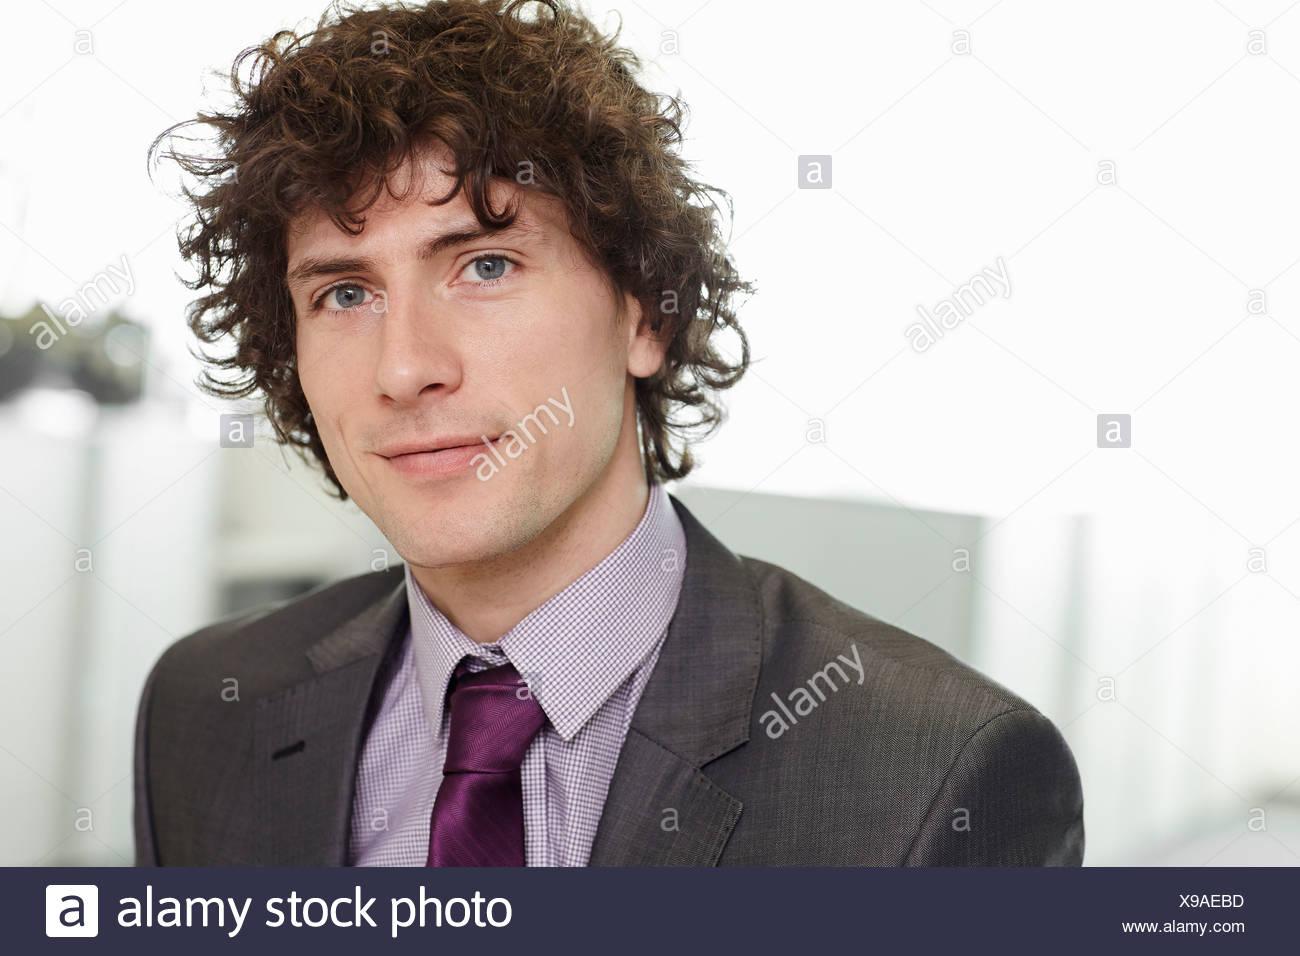 Retrato de empresario con el cabello rizado vestidos de traje y corbata Imagen De Stock